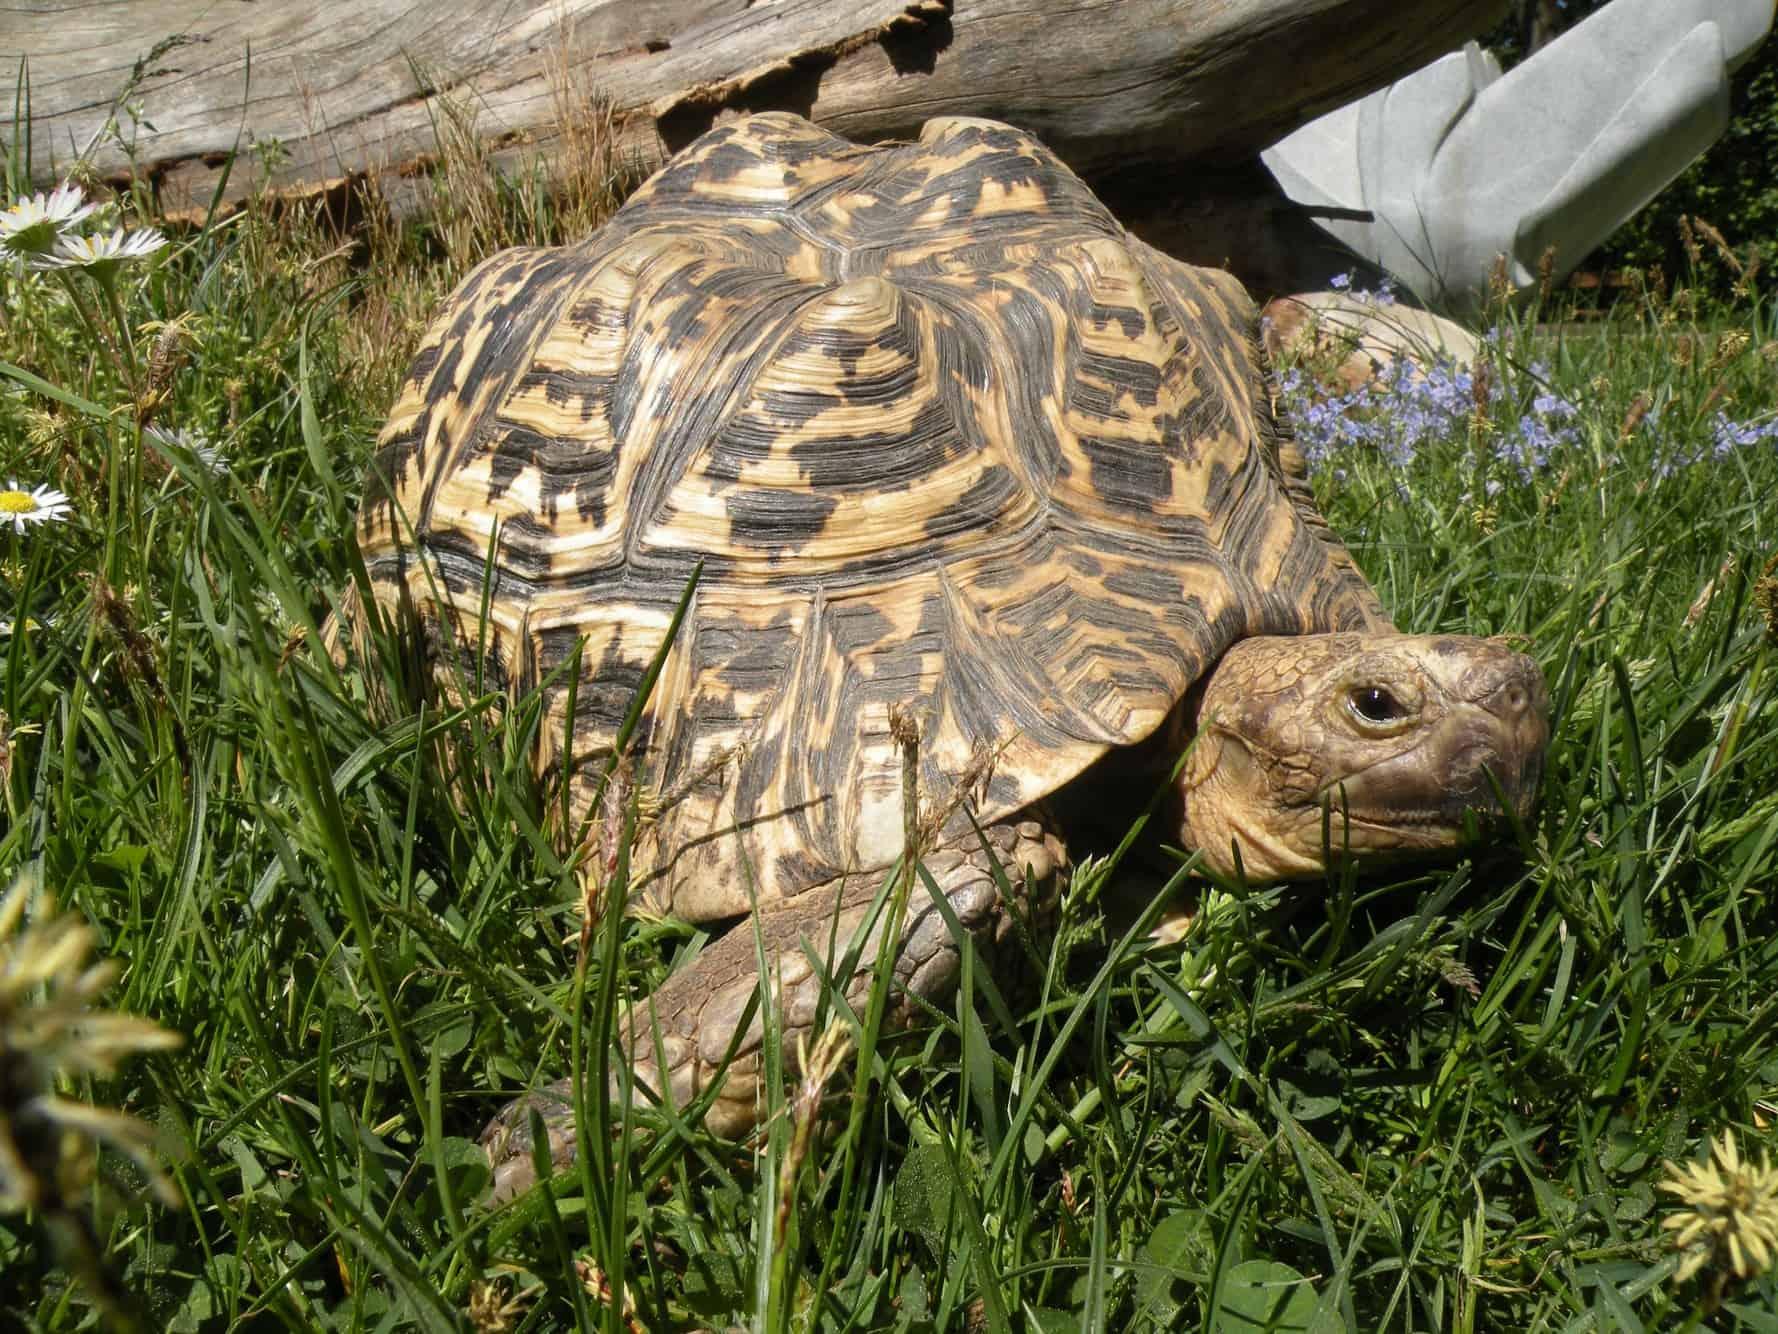 Pantherschildkröte im Reptilienzoo Happ in Österreich. Schildkröten-Patenschaften möglich. Ausflugsziel in Kärnten.